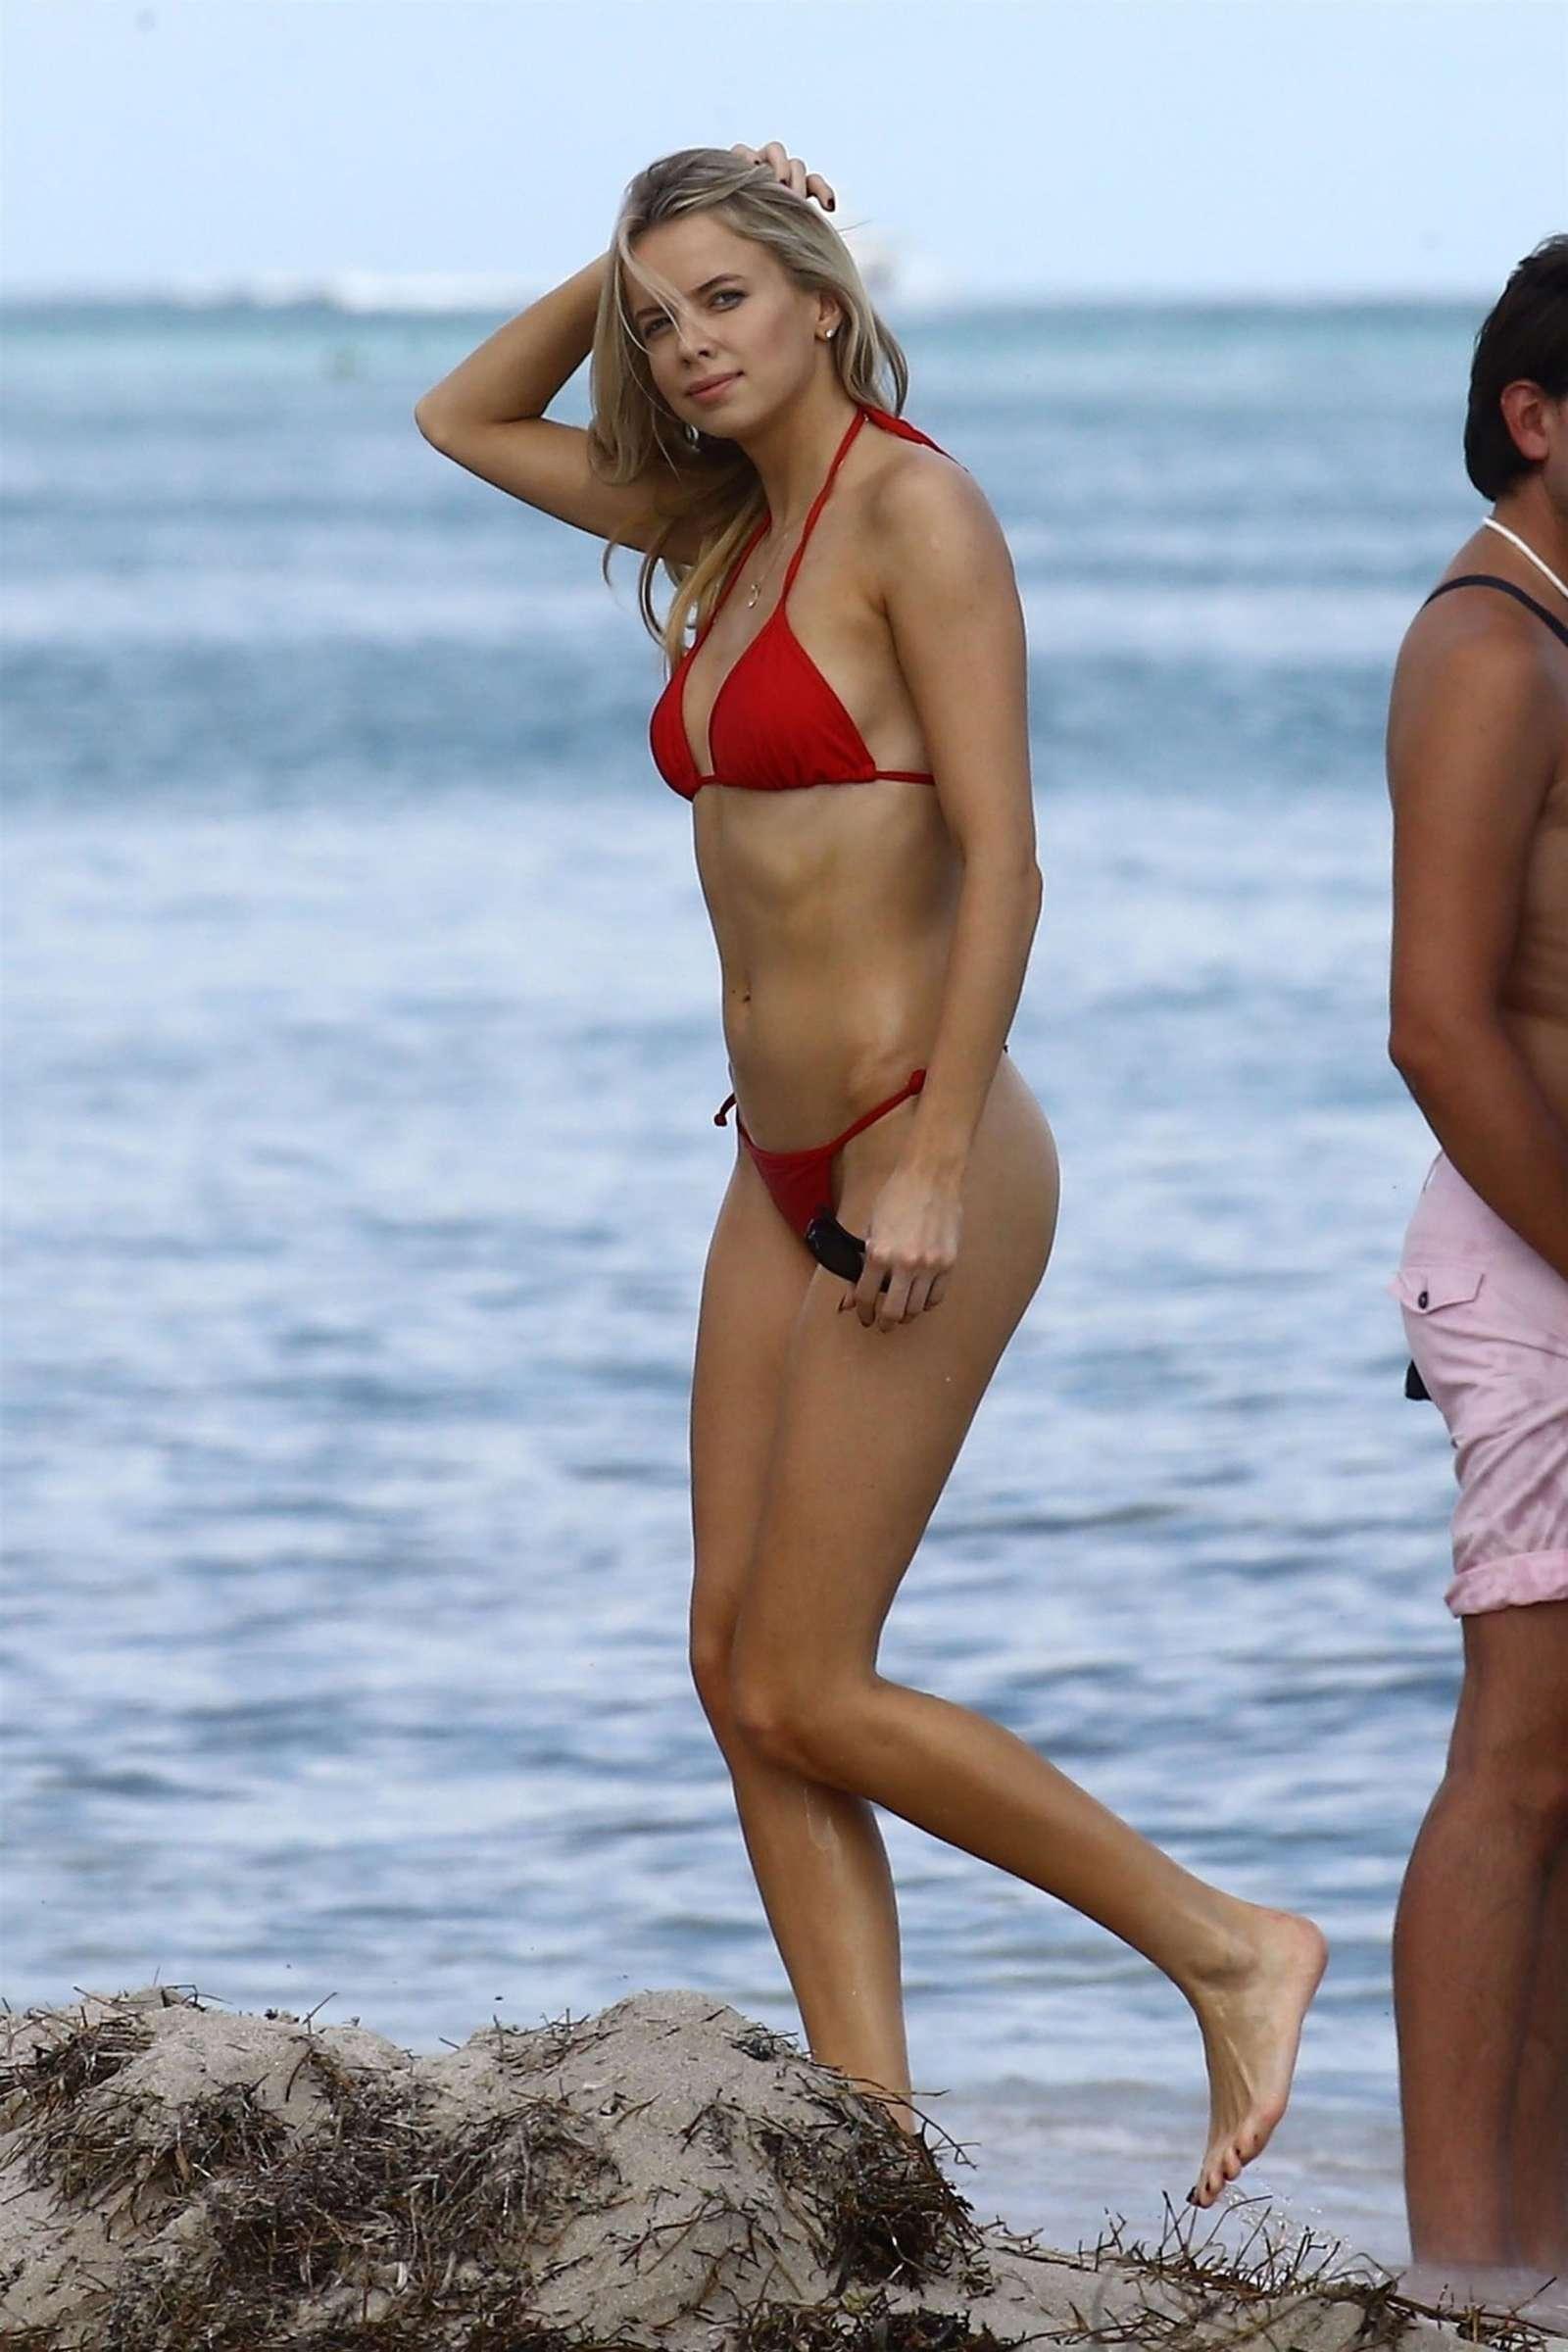 Louisa Warwick 2017 : Louisa Warwick in Red Bikini 2017 -18